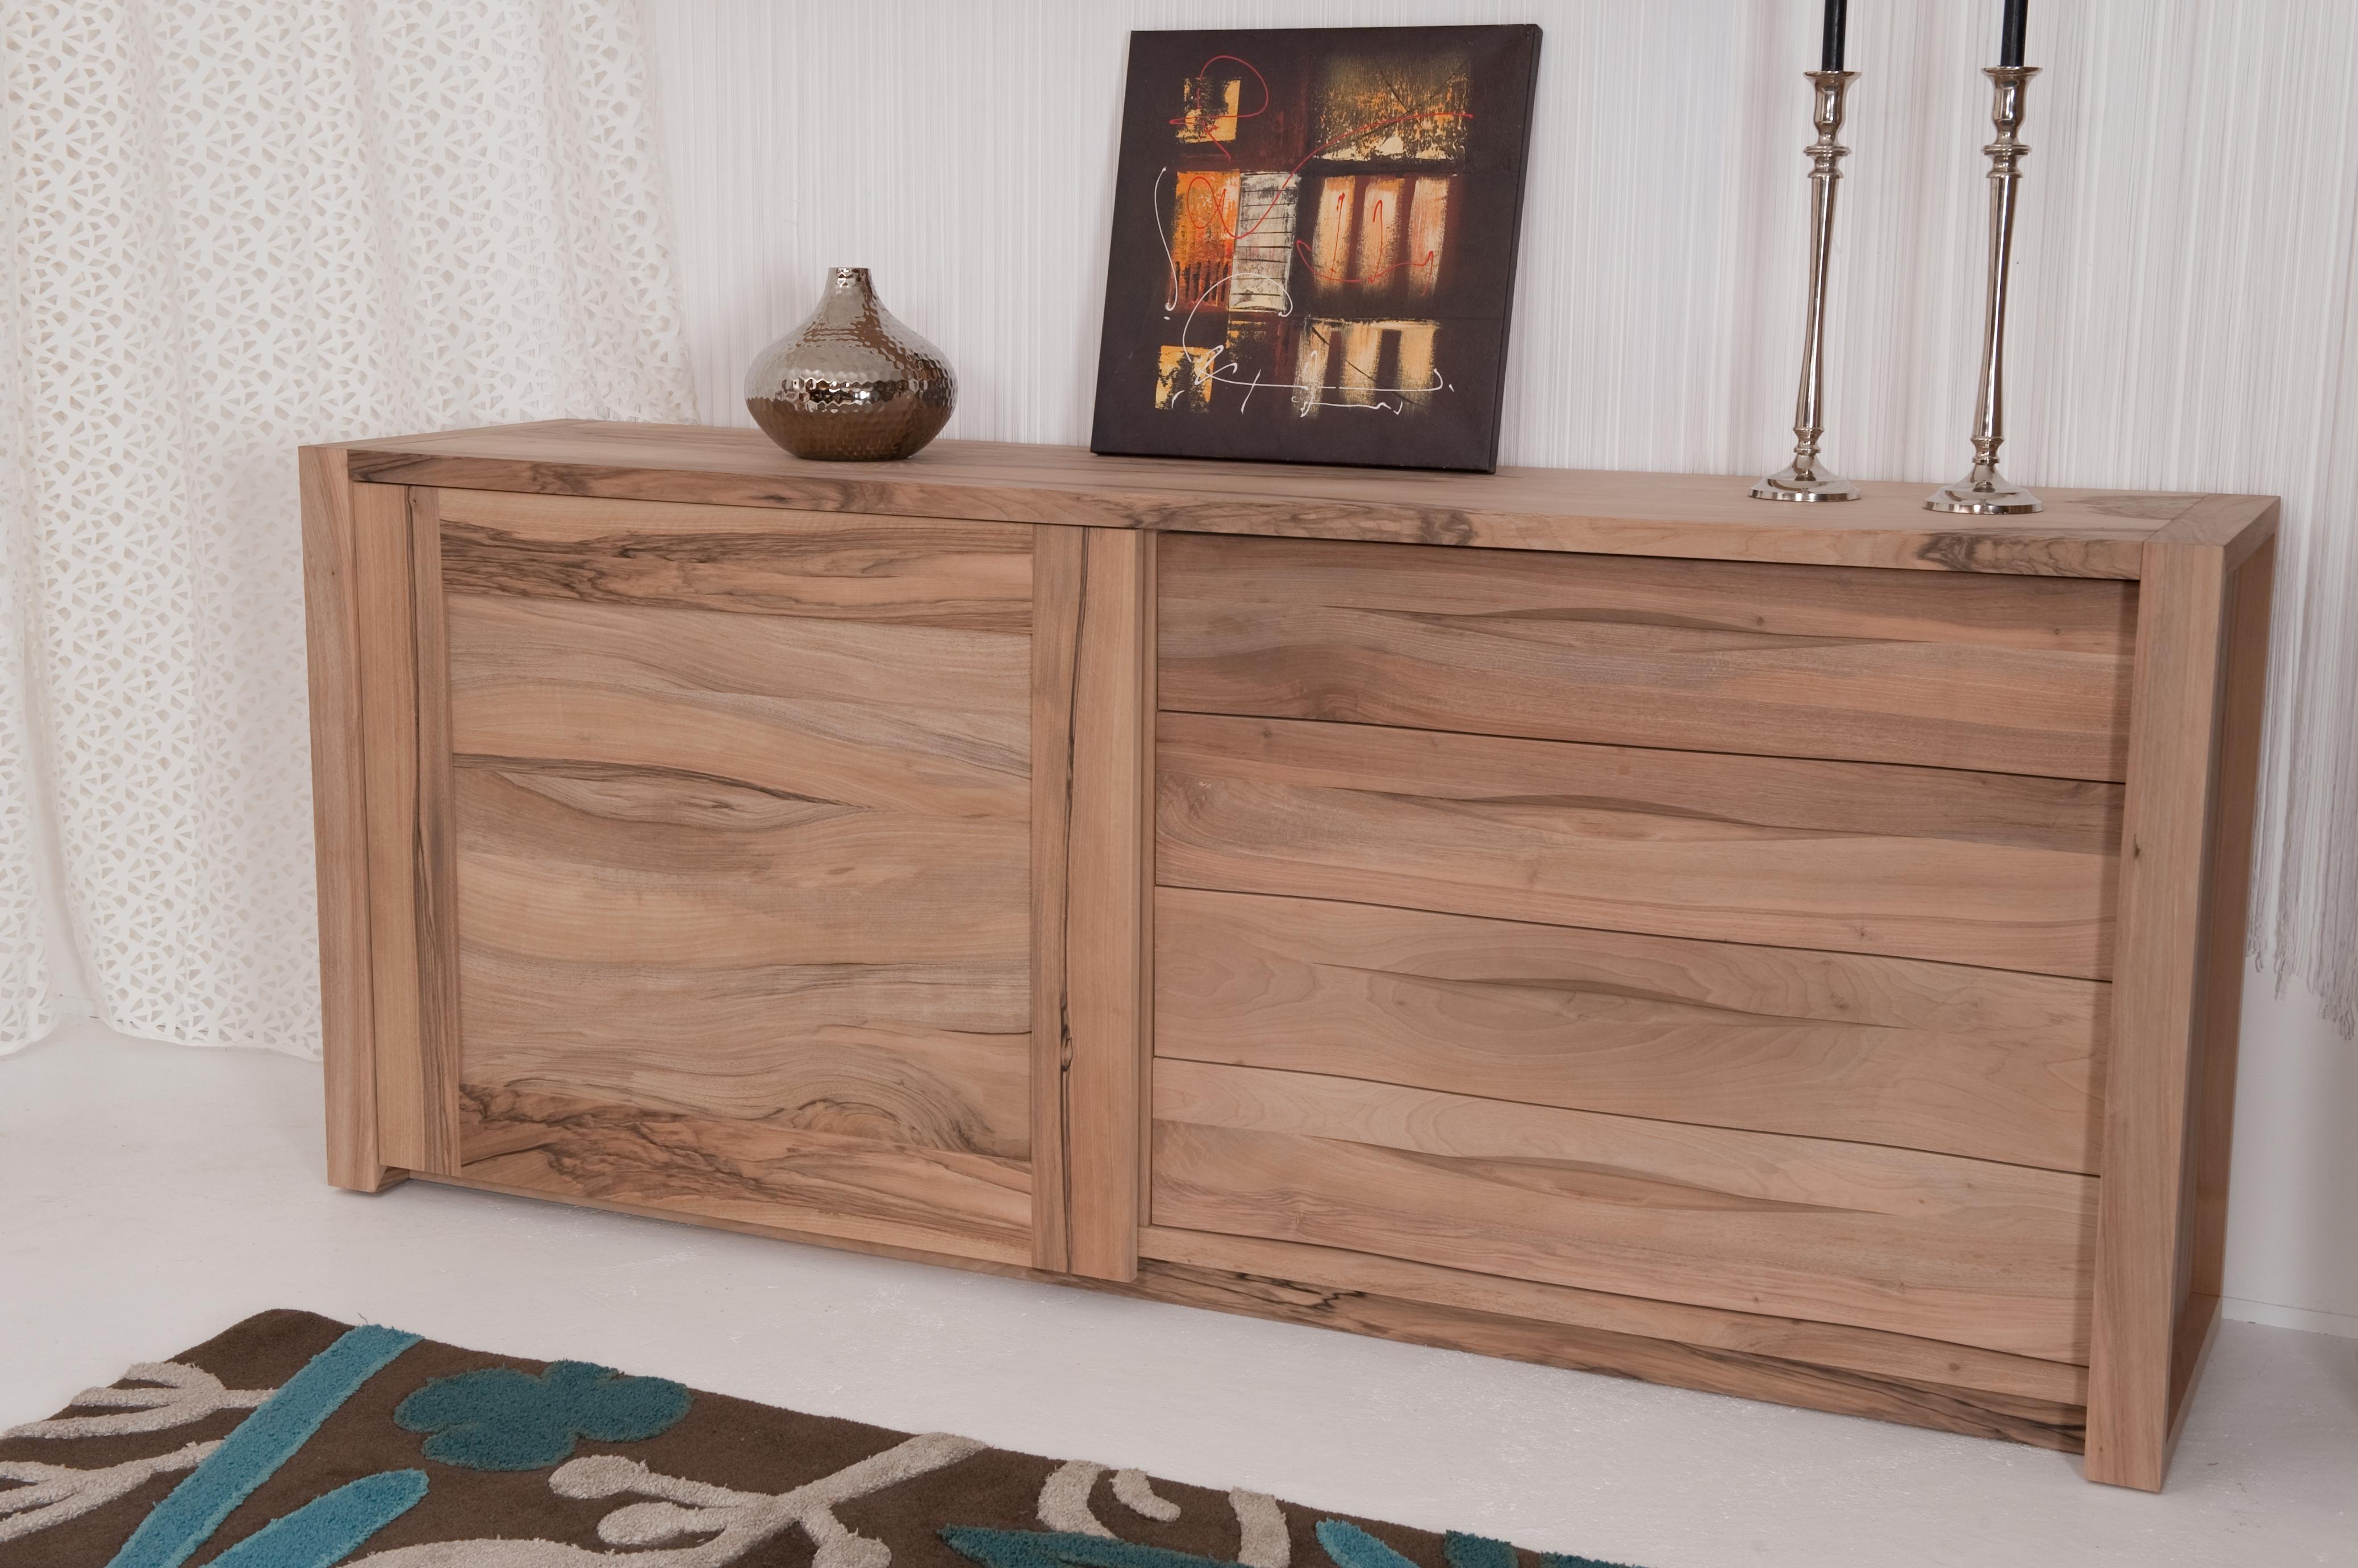 meubles noyer meubles decroix. Black Bedroom Furniture Sets. Home Design Ideas